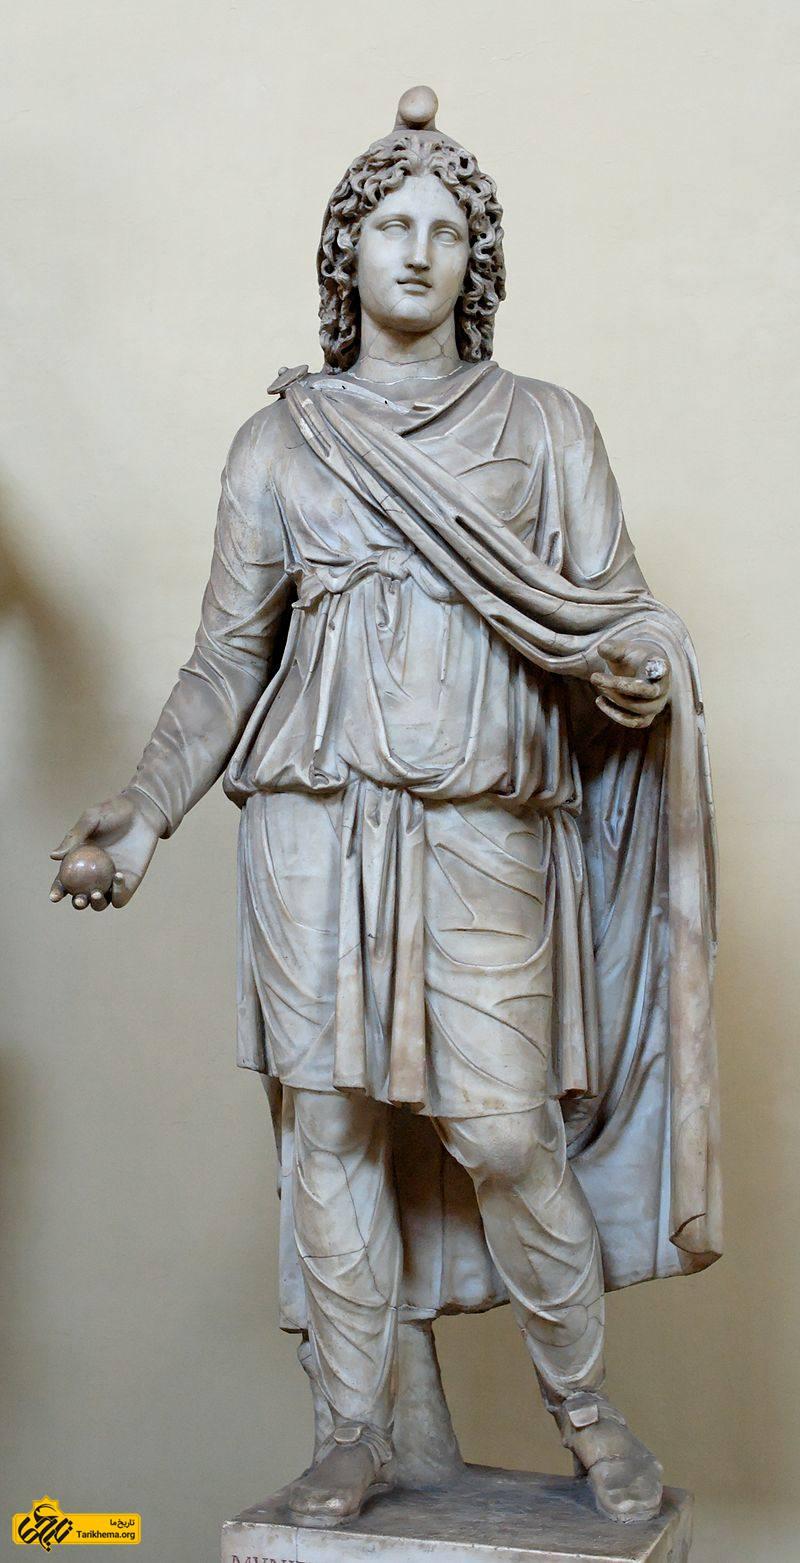 عکس تندیسه میترای رومی یا یک مشعلدار پیرو آیین میترایی در روم باستان در موزه واتیکان (ساخته شده از مرمر در حدود سده دوم یا سوم پس از میلاد) %d9%85%db%8c%d8%aa%d8%b1%d8%a7-%d8%af%d8%b1-%d8%b2%d9%85%d8%a7%d9%86-%d8%a7%d8%b4%da%a9%d8%a7%d9%86%db%8c%d8%a7%d9%86 Tarikhema.org